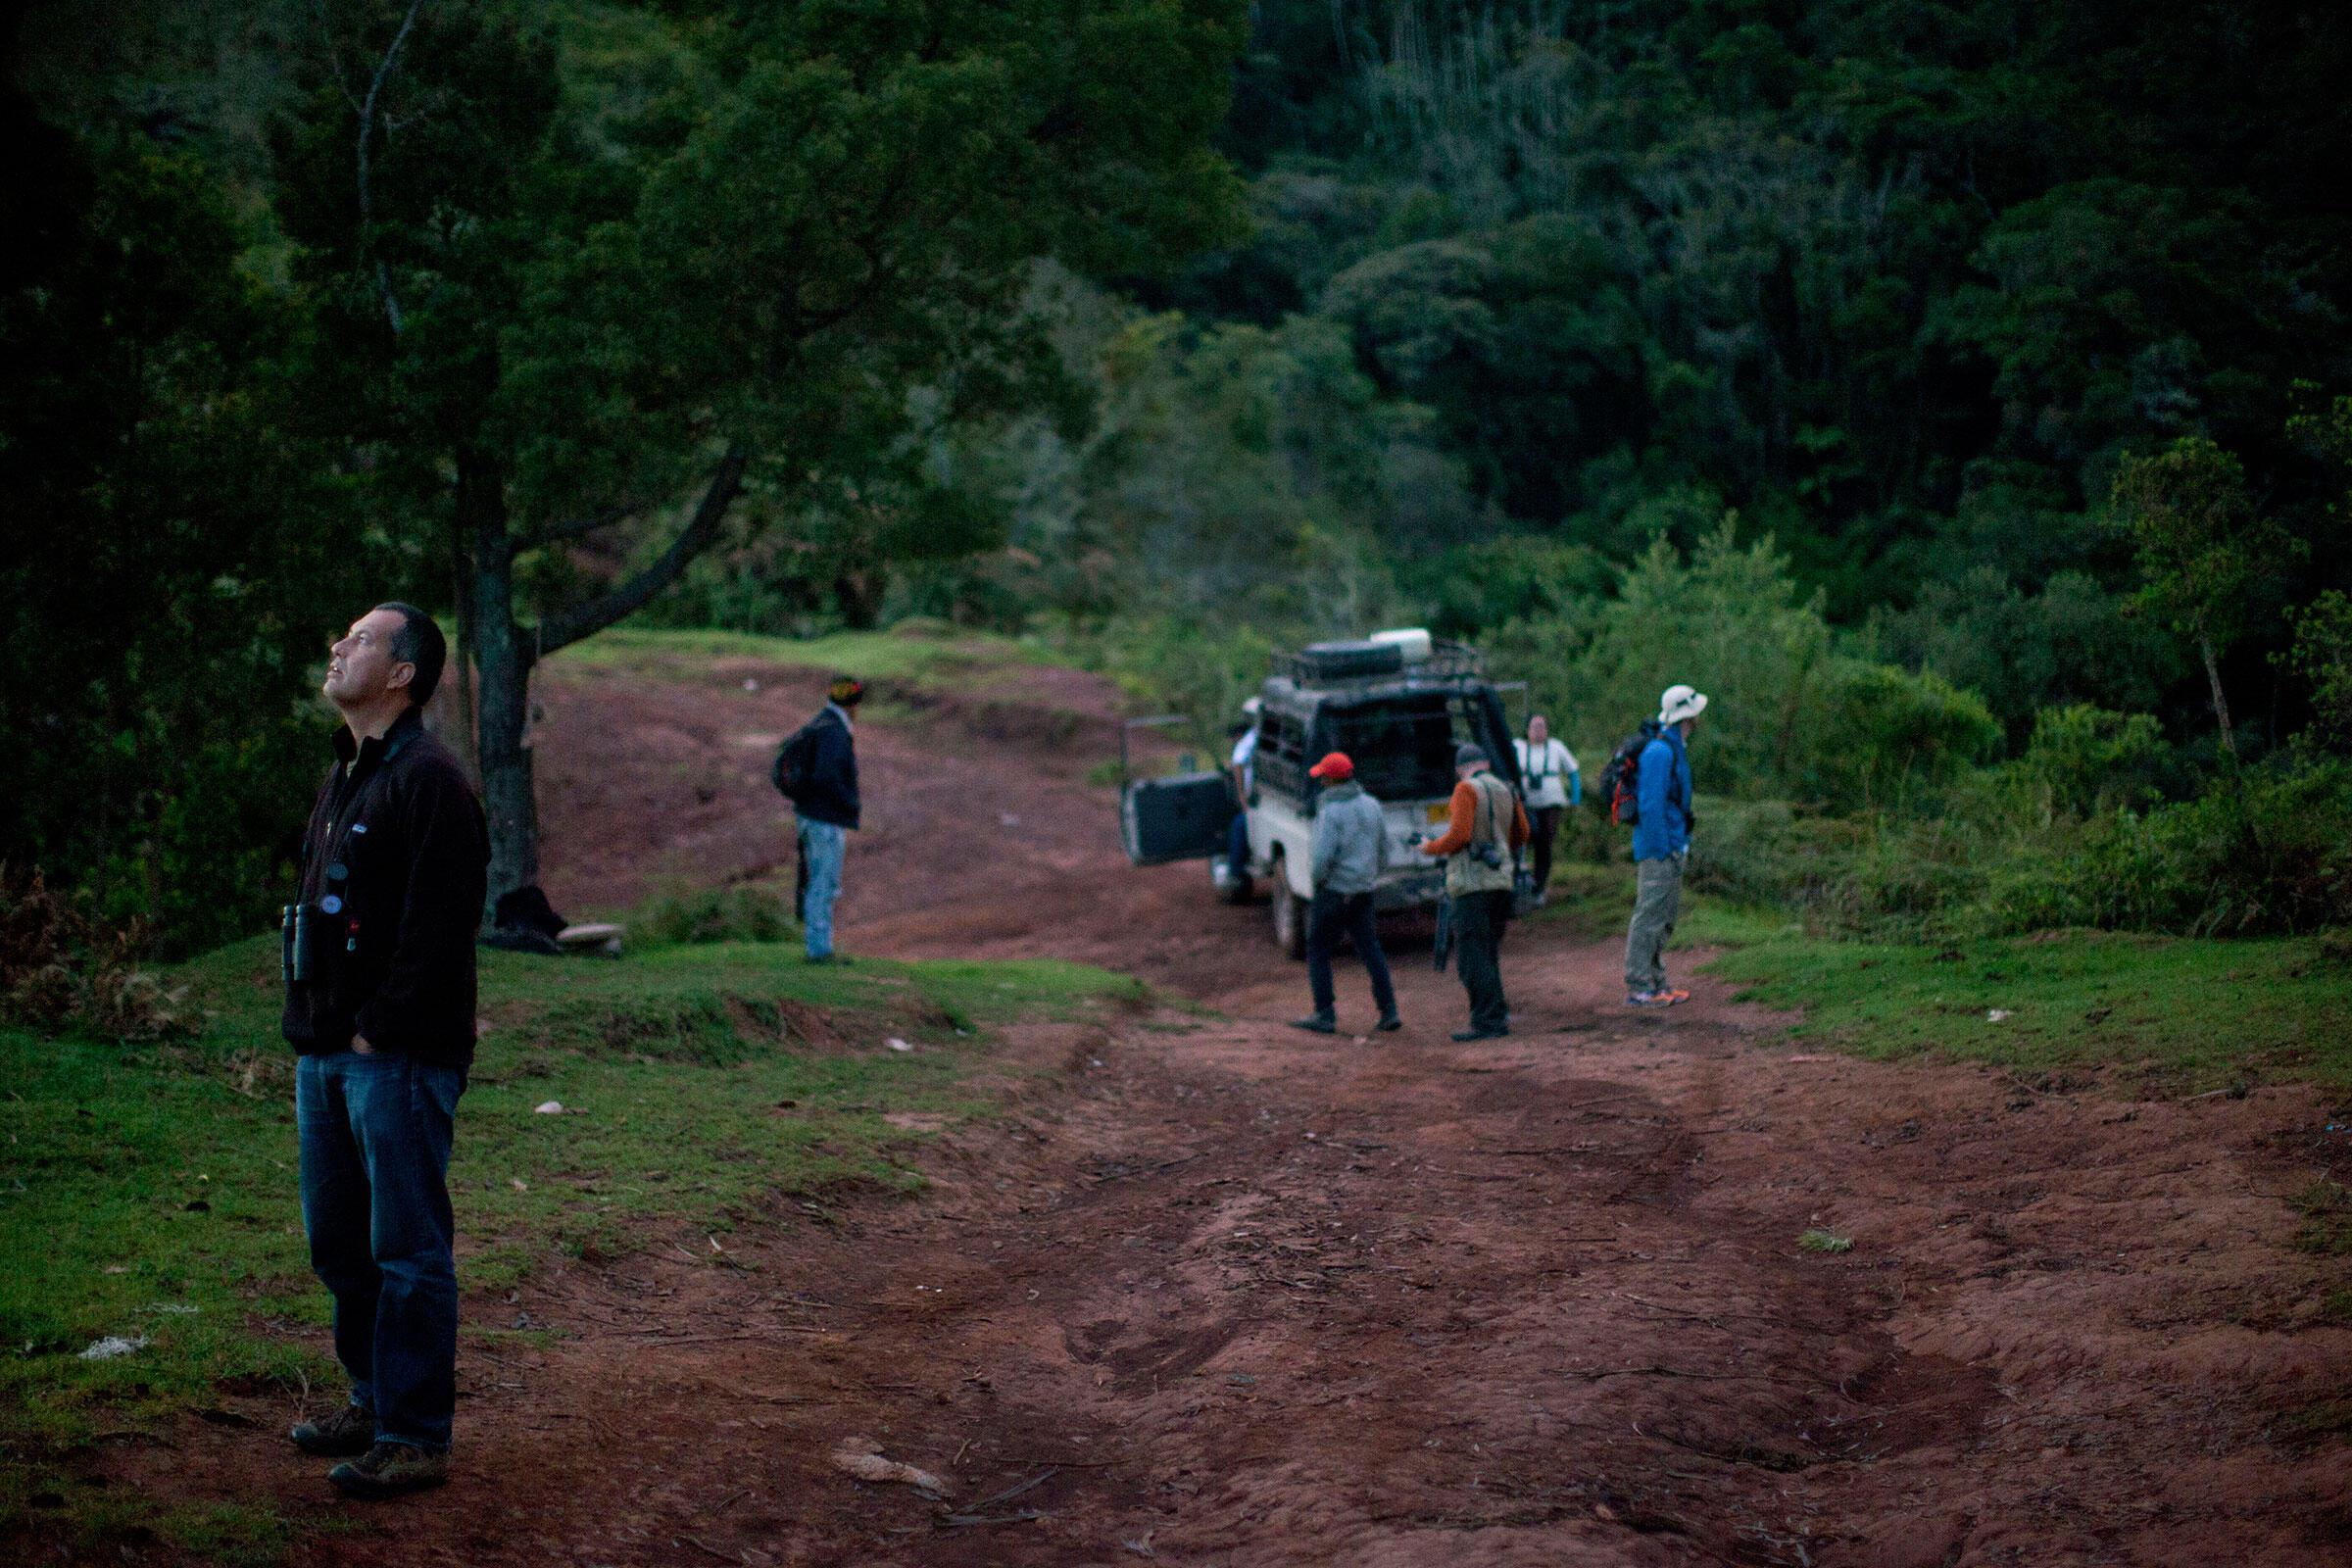 Avistaje de aves en la madrugada desde La Pechichona en las montañas Perijá. Carlos Villalón